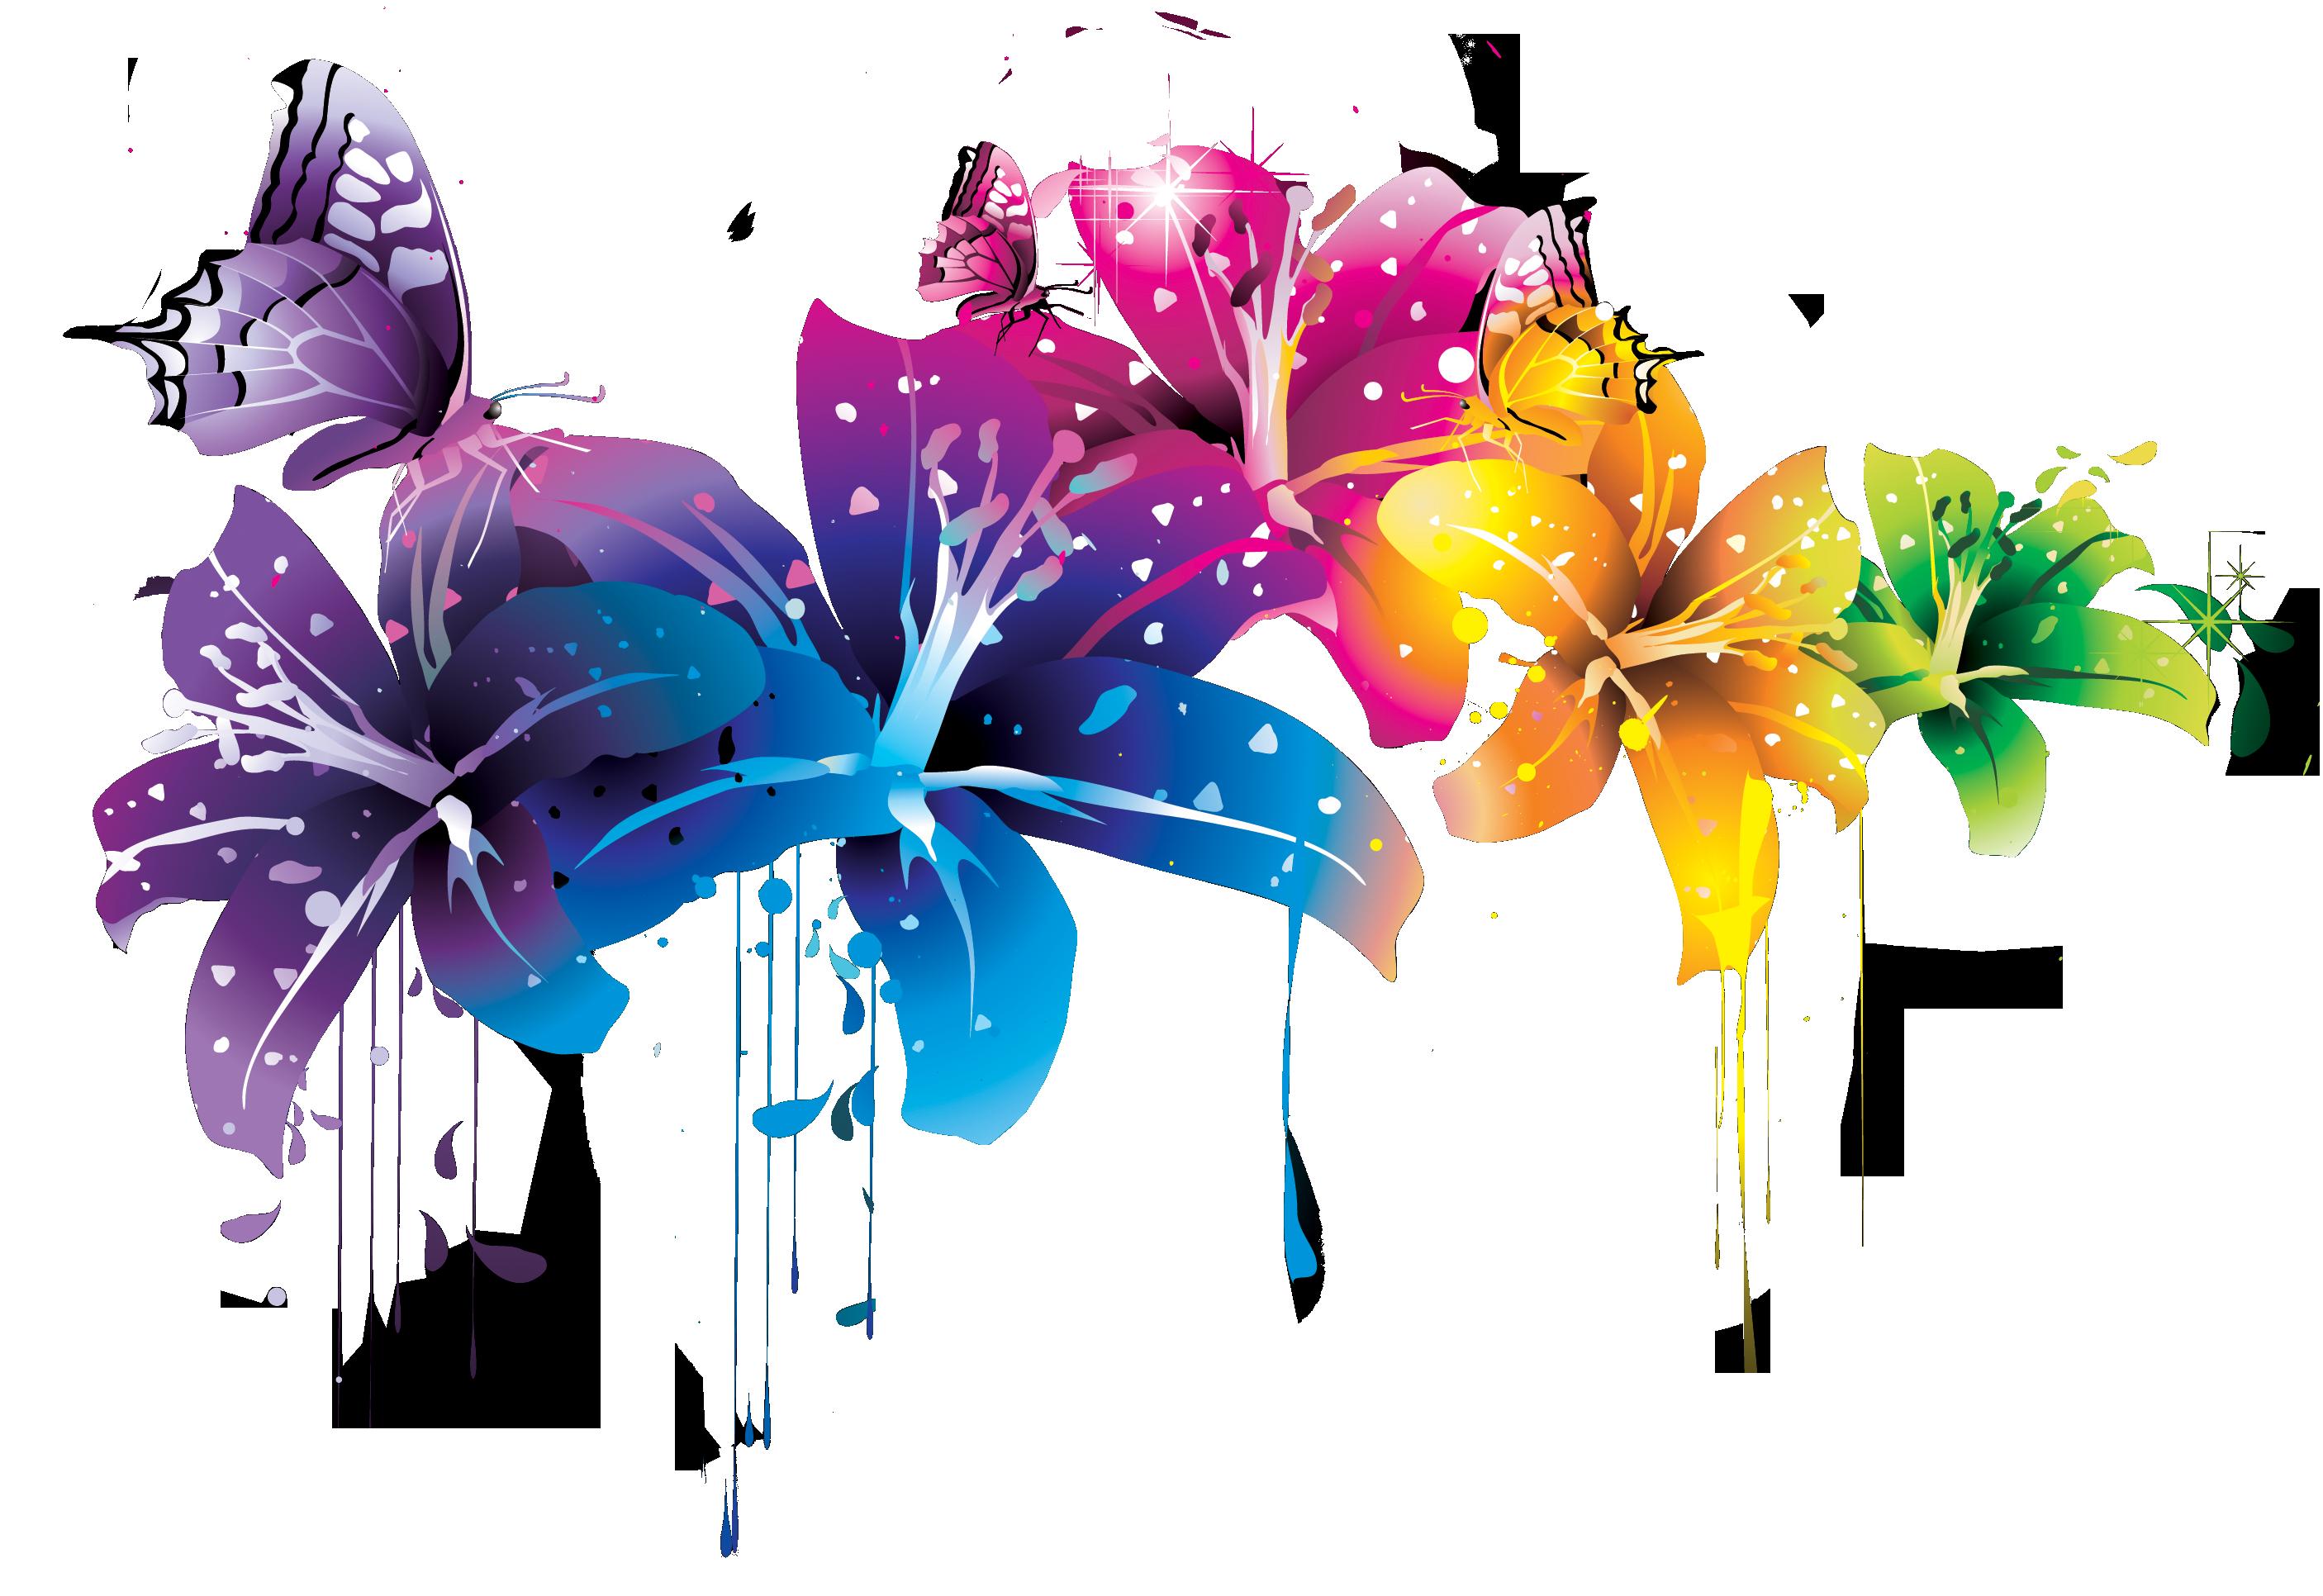 Pin Oleh Awesome Pics Di Colourfull Png Bunga Ilustrasi Bunga